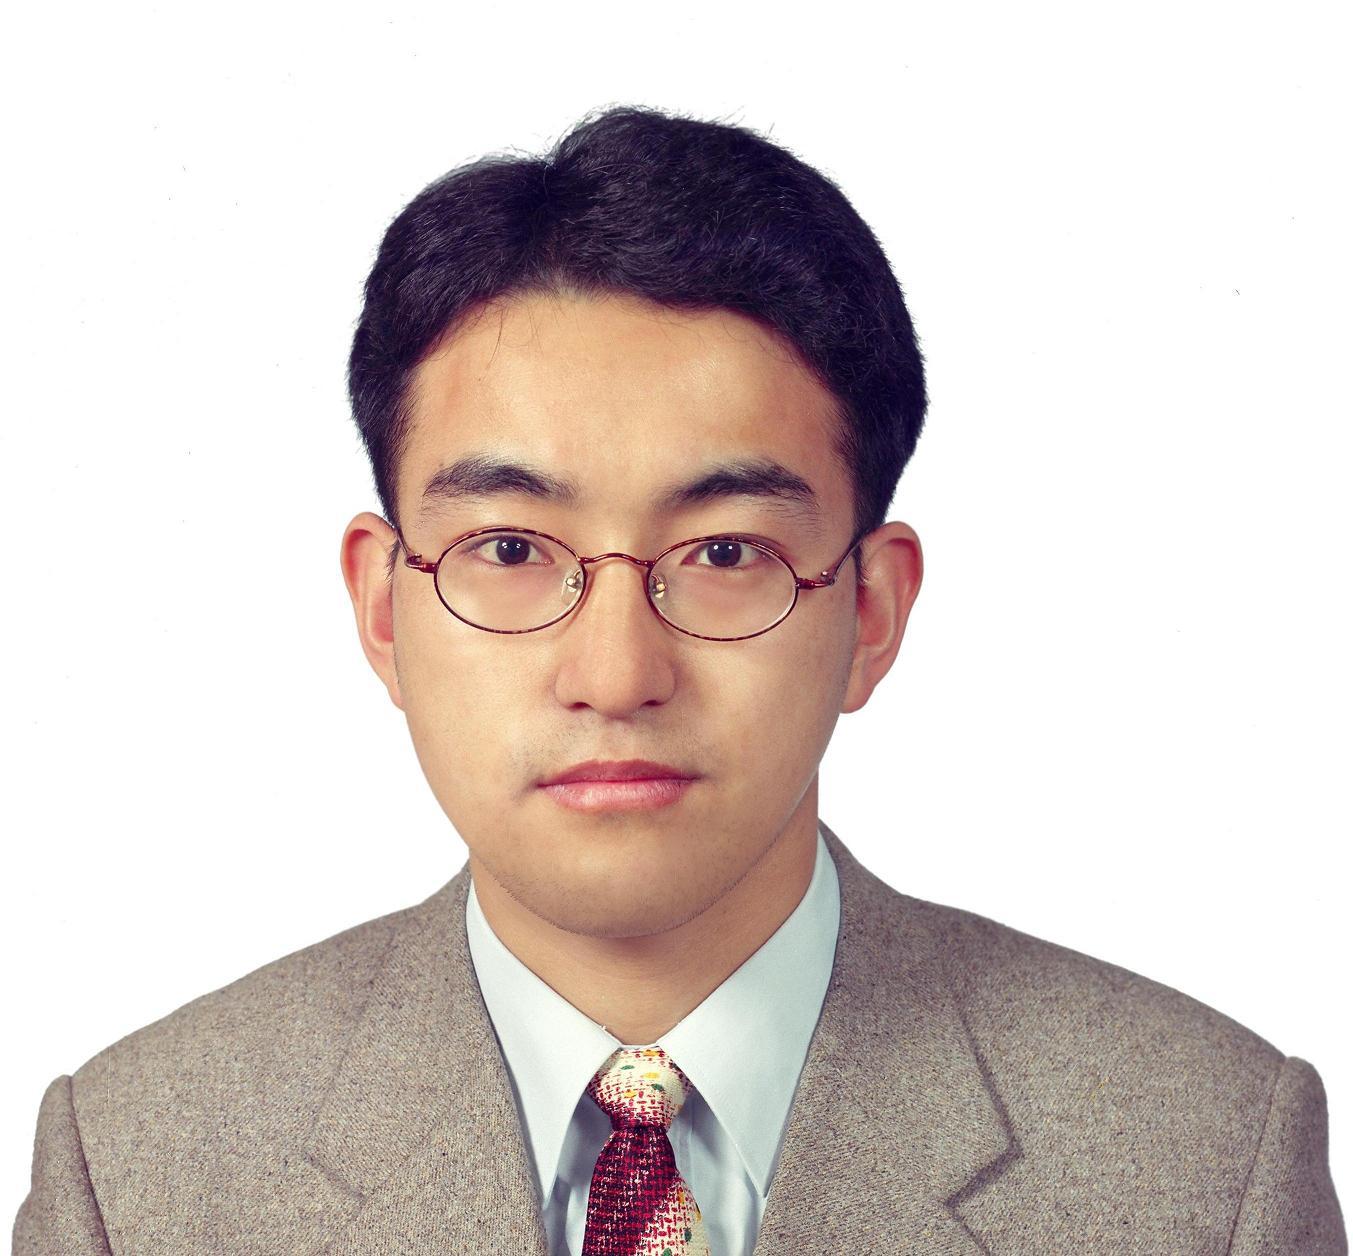 전병욱 교수님 사진